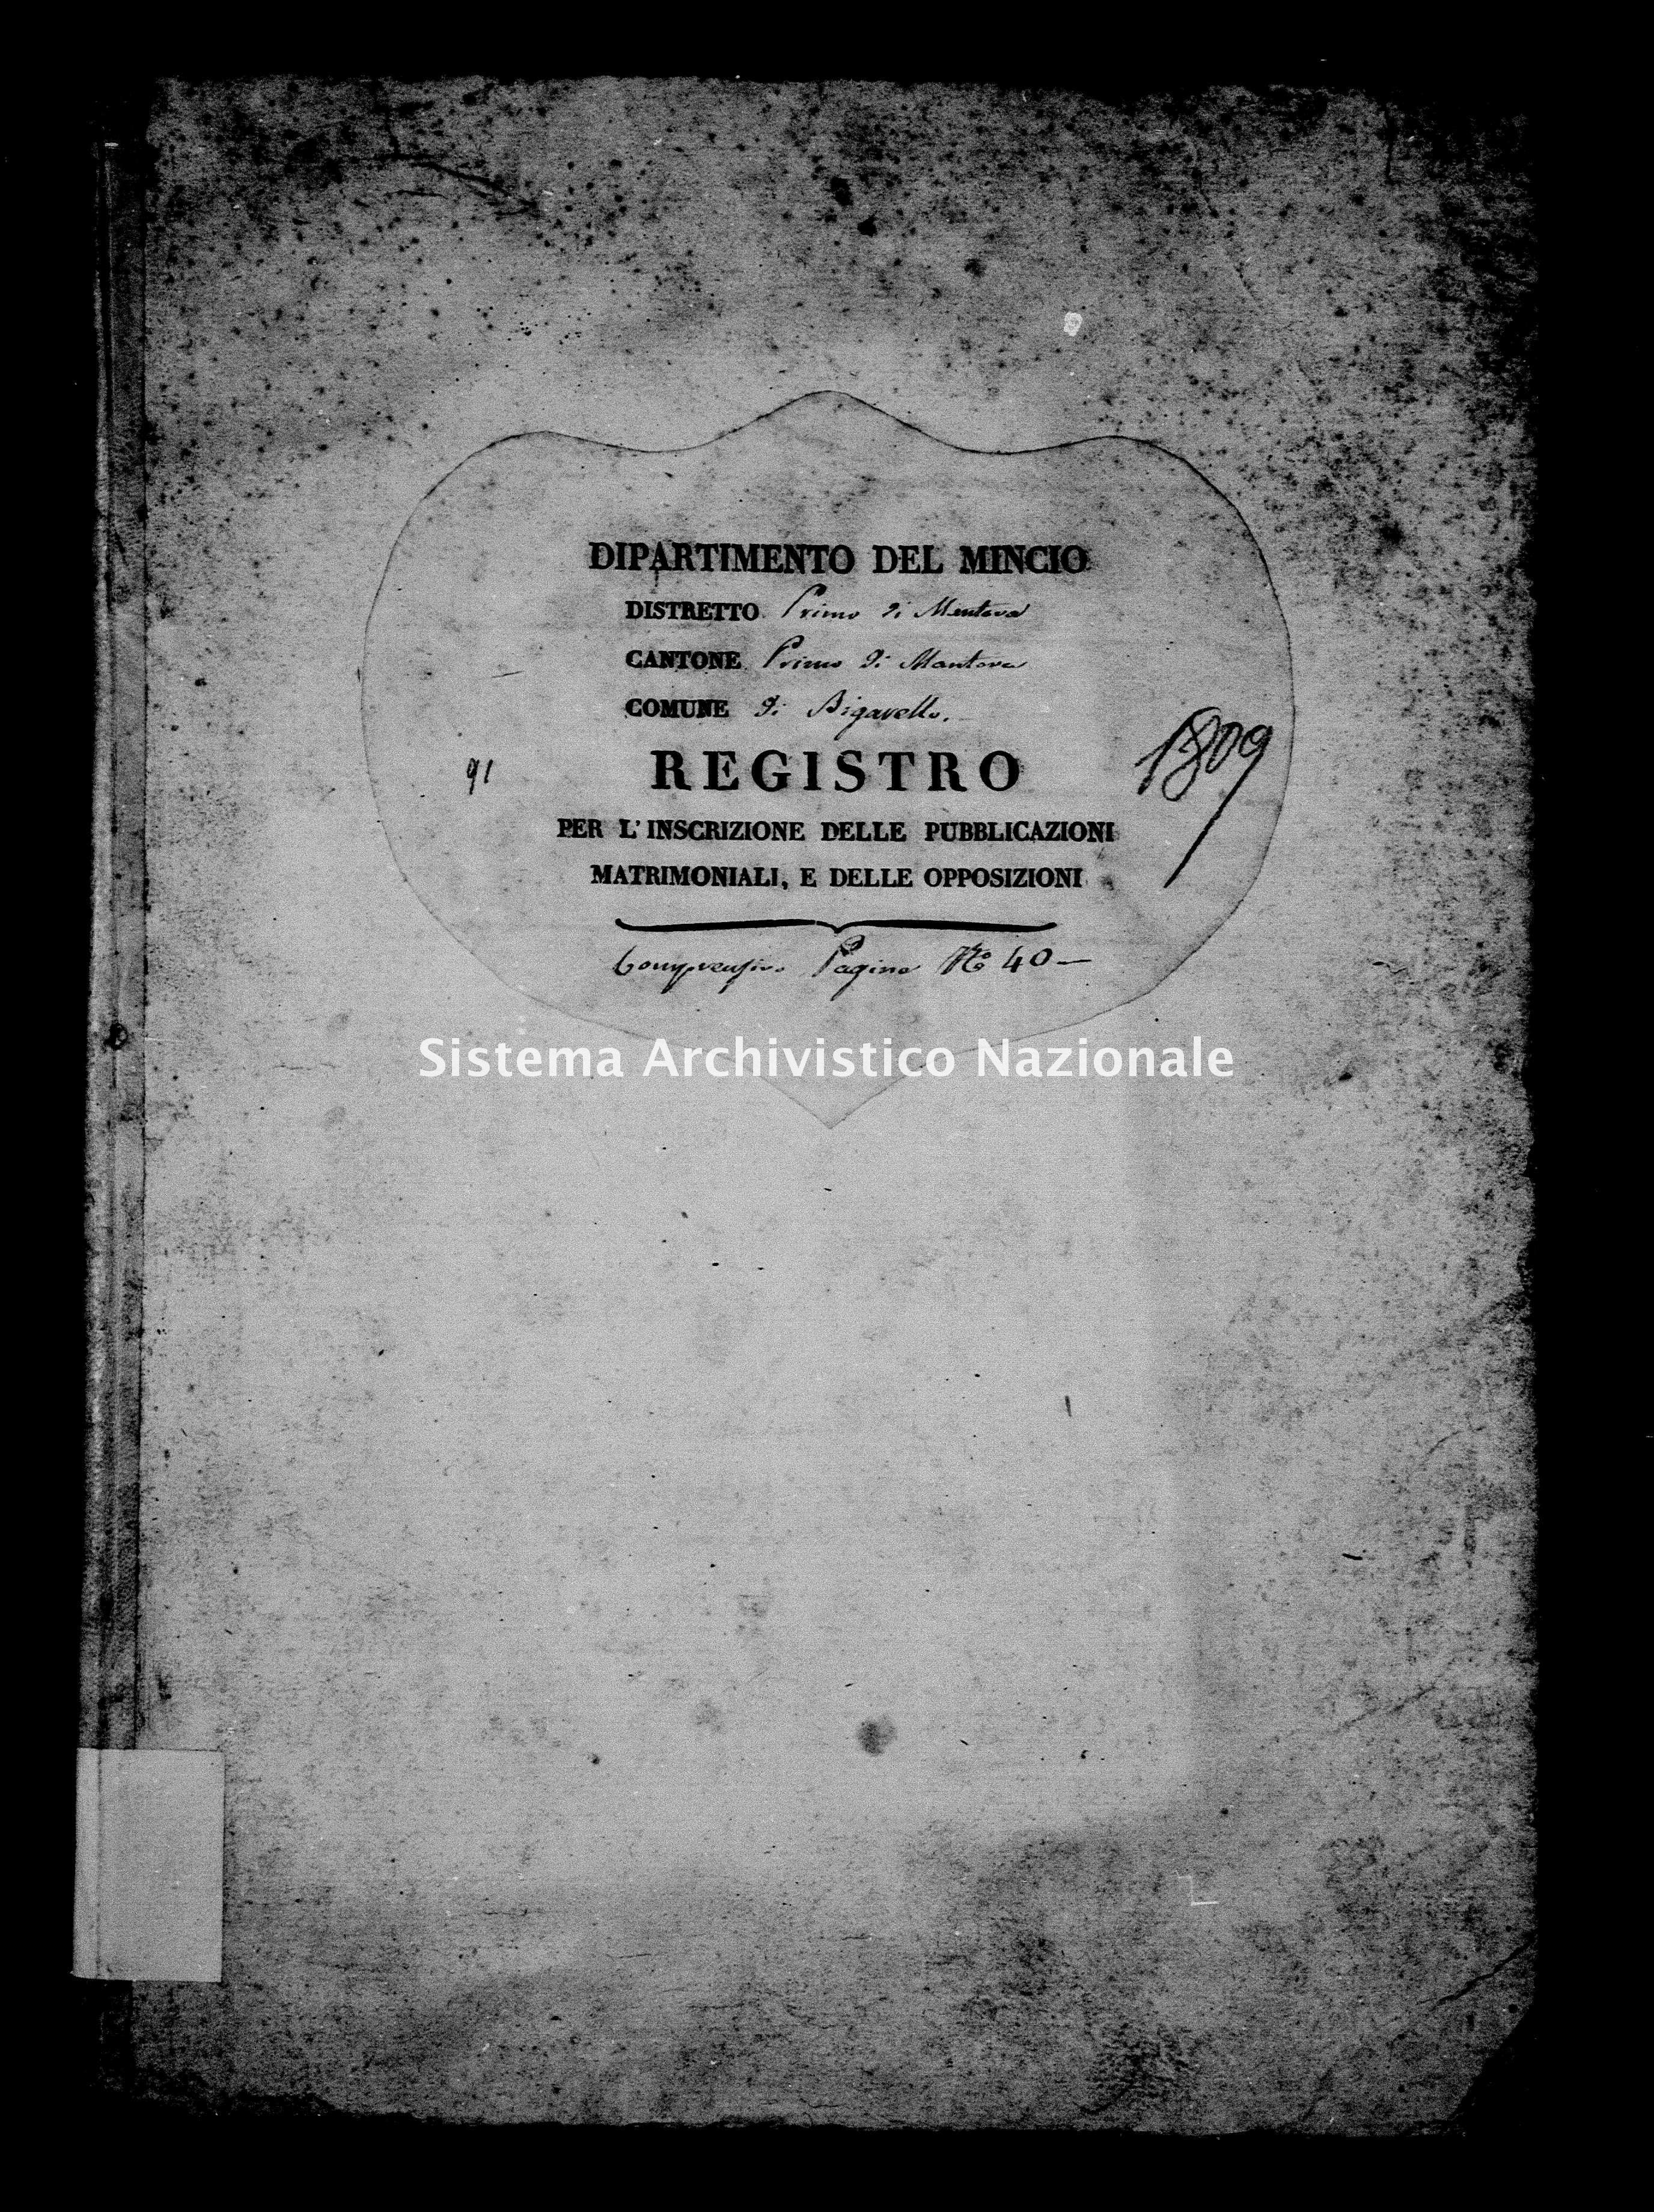 Archivio di stato di Mantova - Stato civile e anagrafe del Dipartimento del Mincio - Bigarello - Matrimoni pubblicazioni e opposizioni - 1809 - 91 -